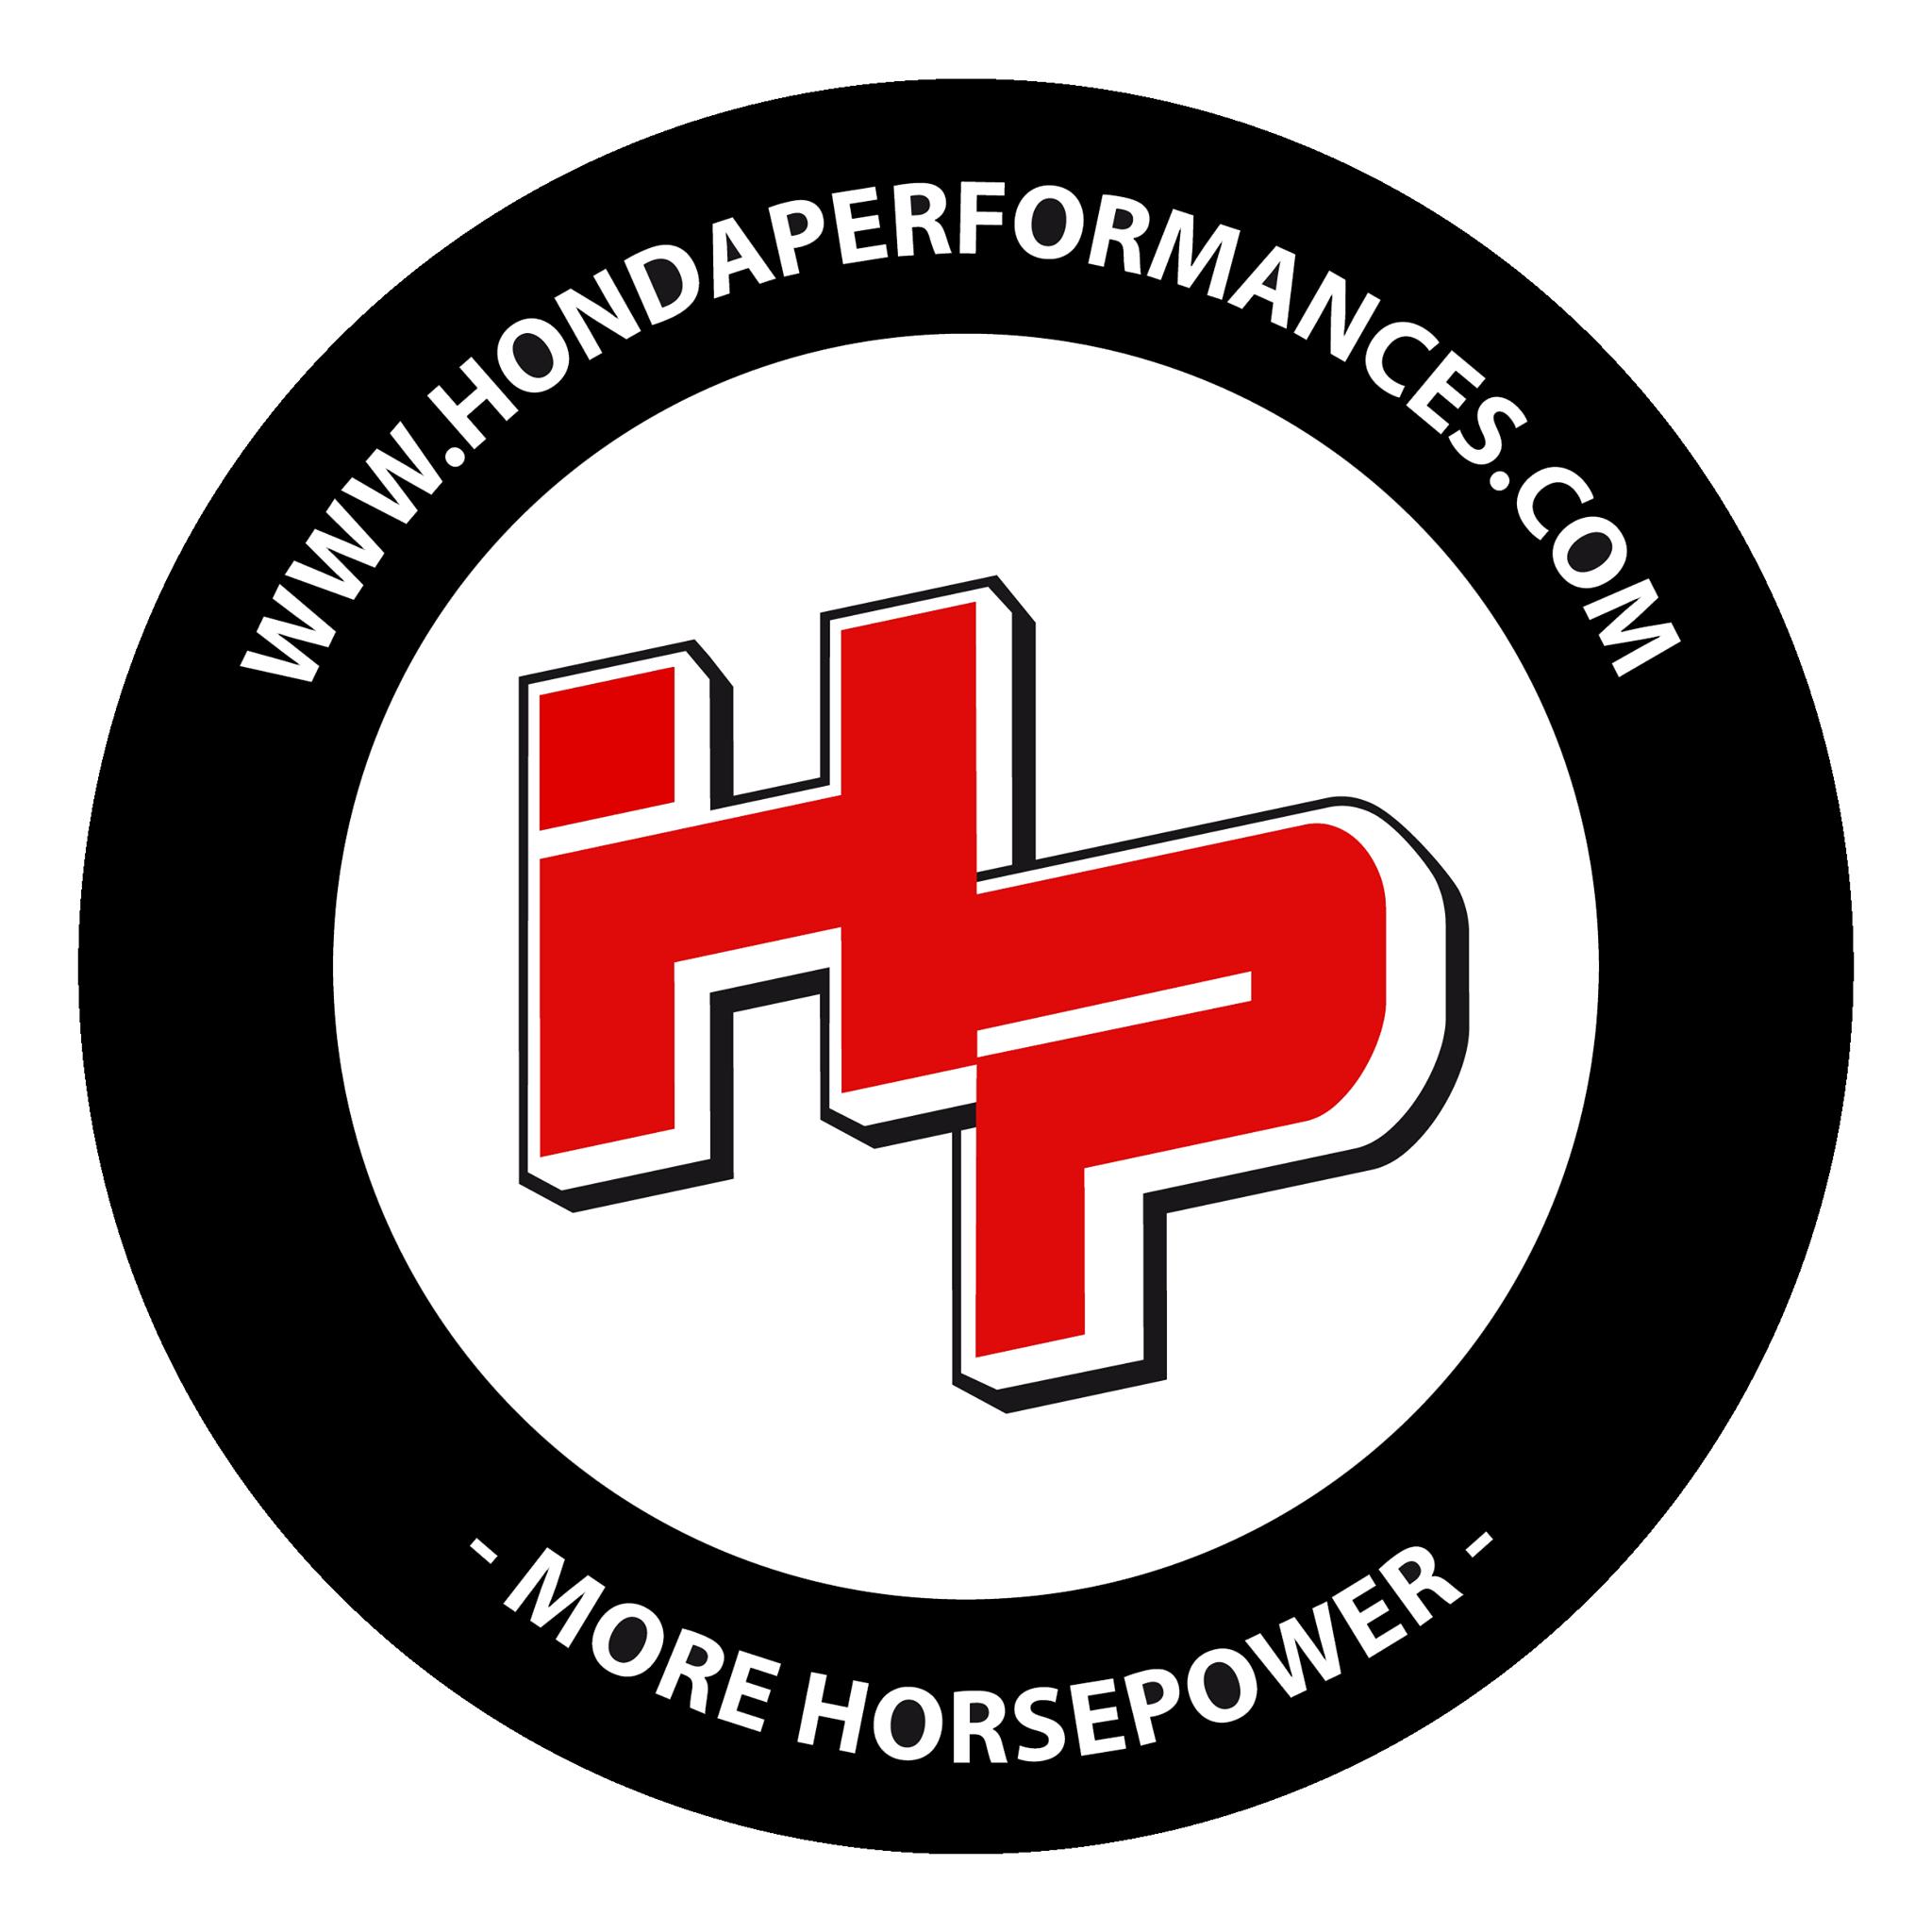 -15 % sur les produits Whiteline (hondaperformances.com)